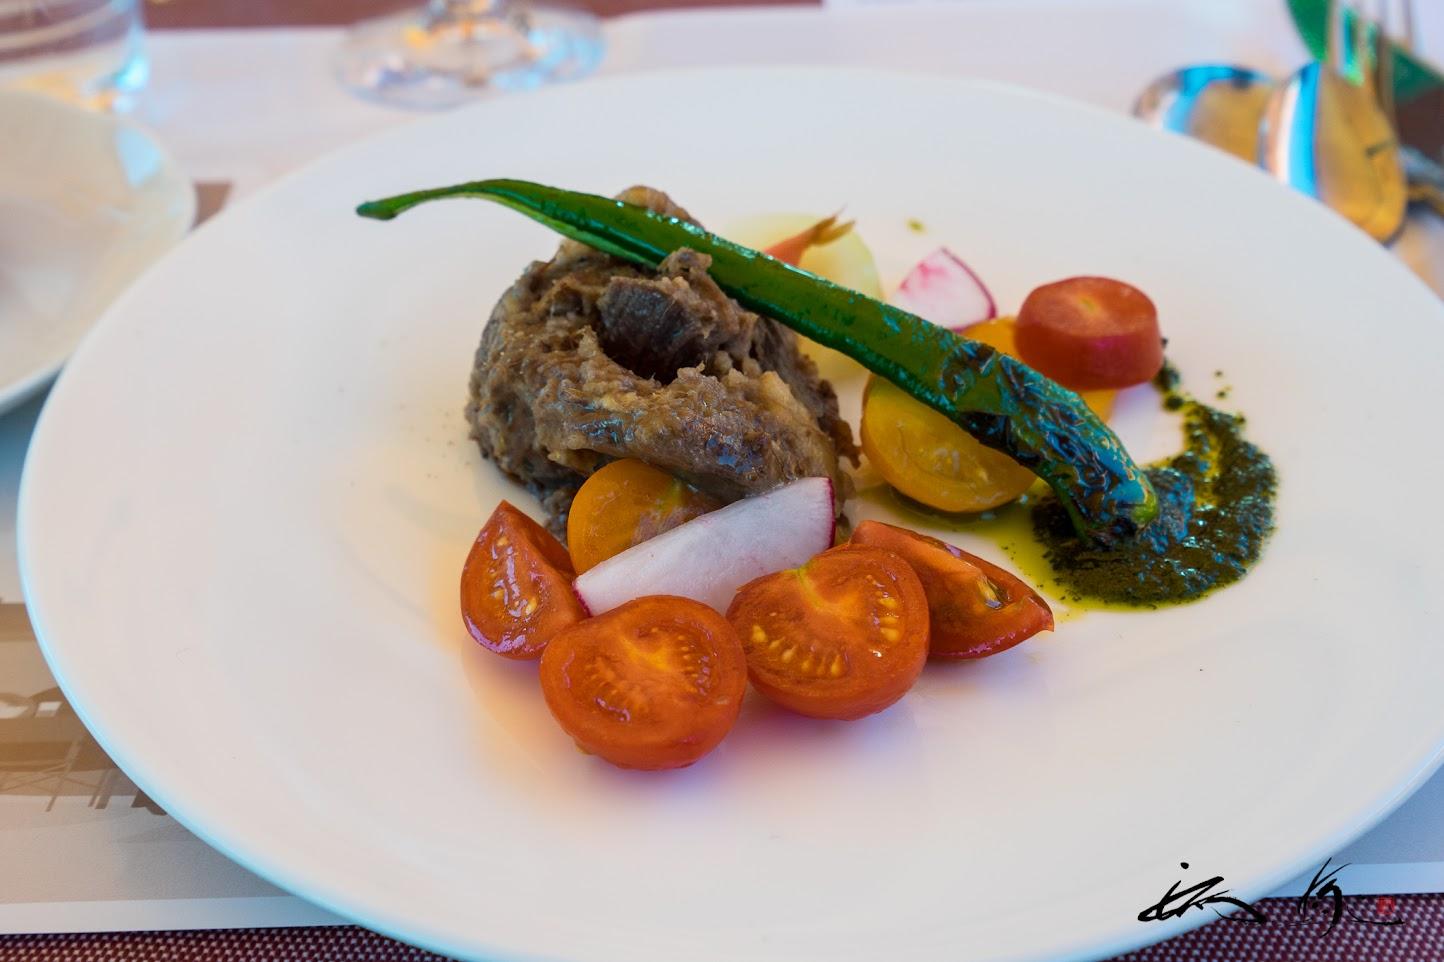 ふらの和牛のリエットと季節の野菜